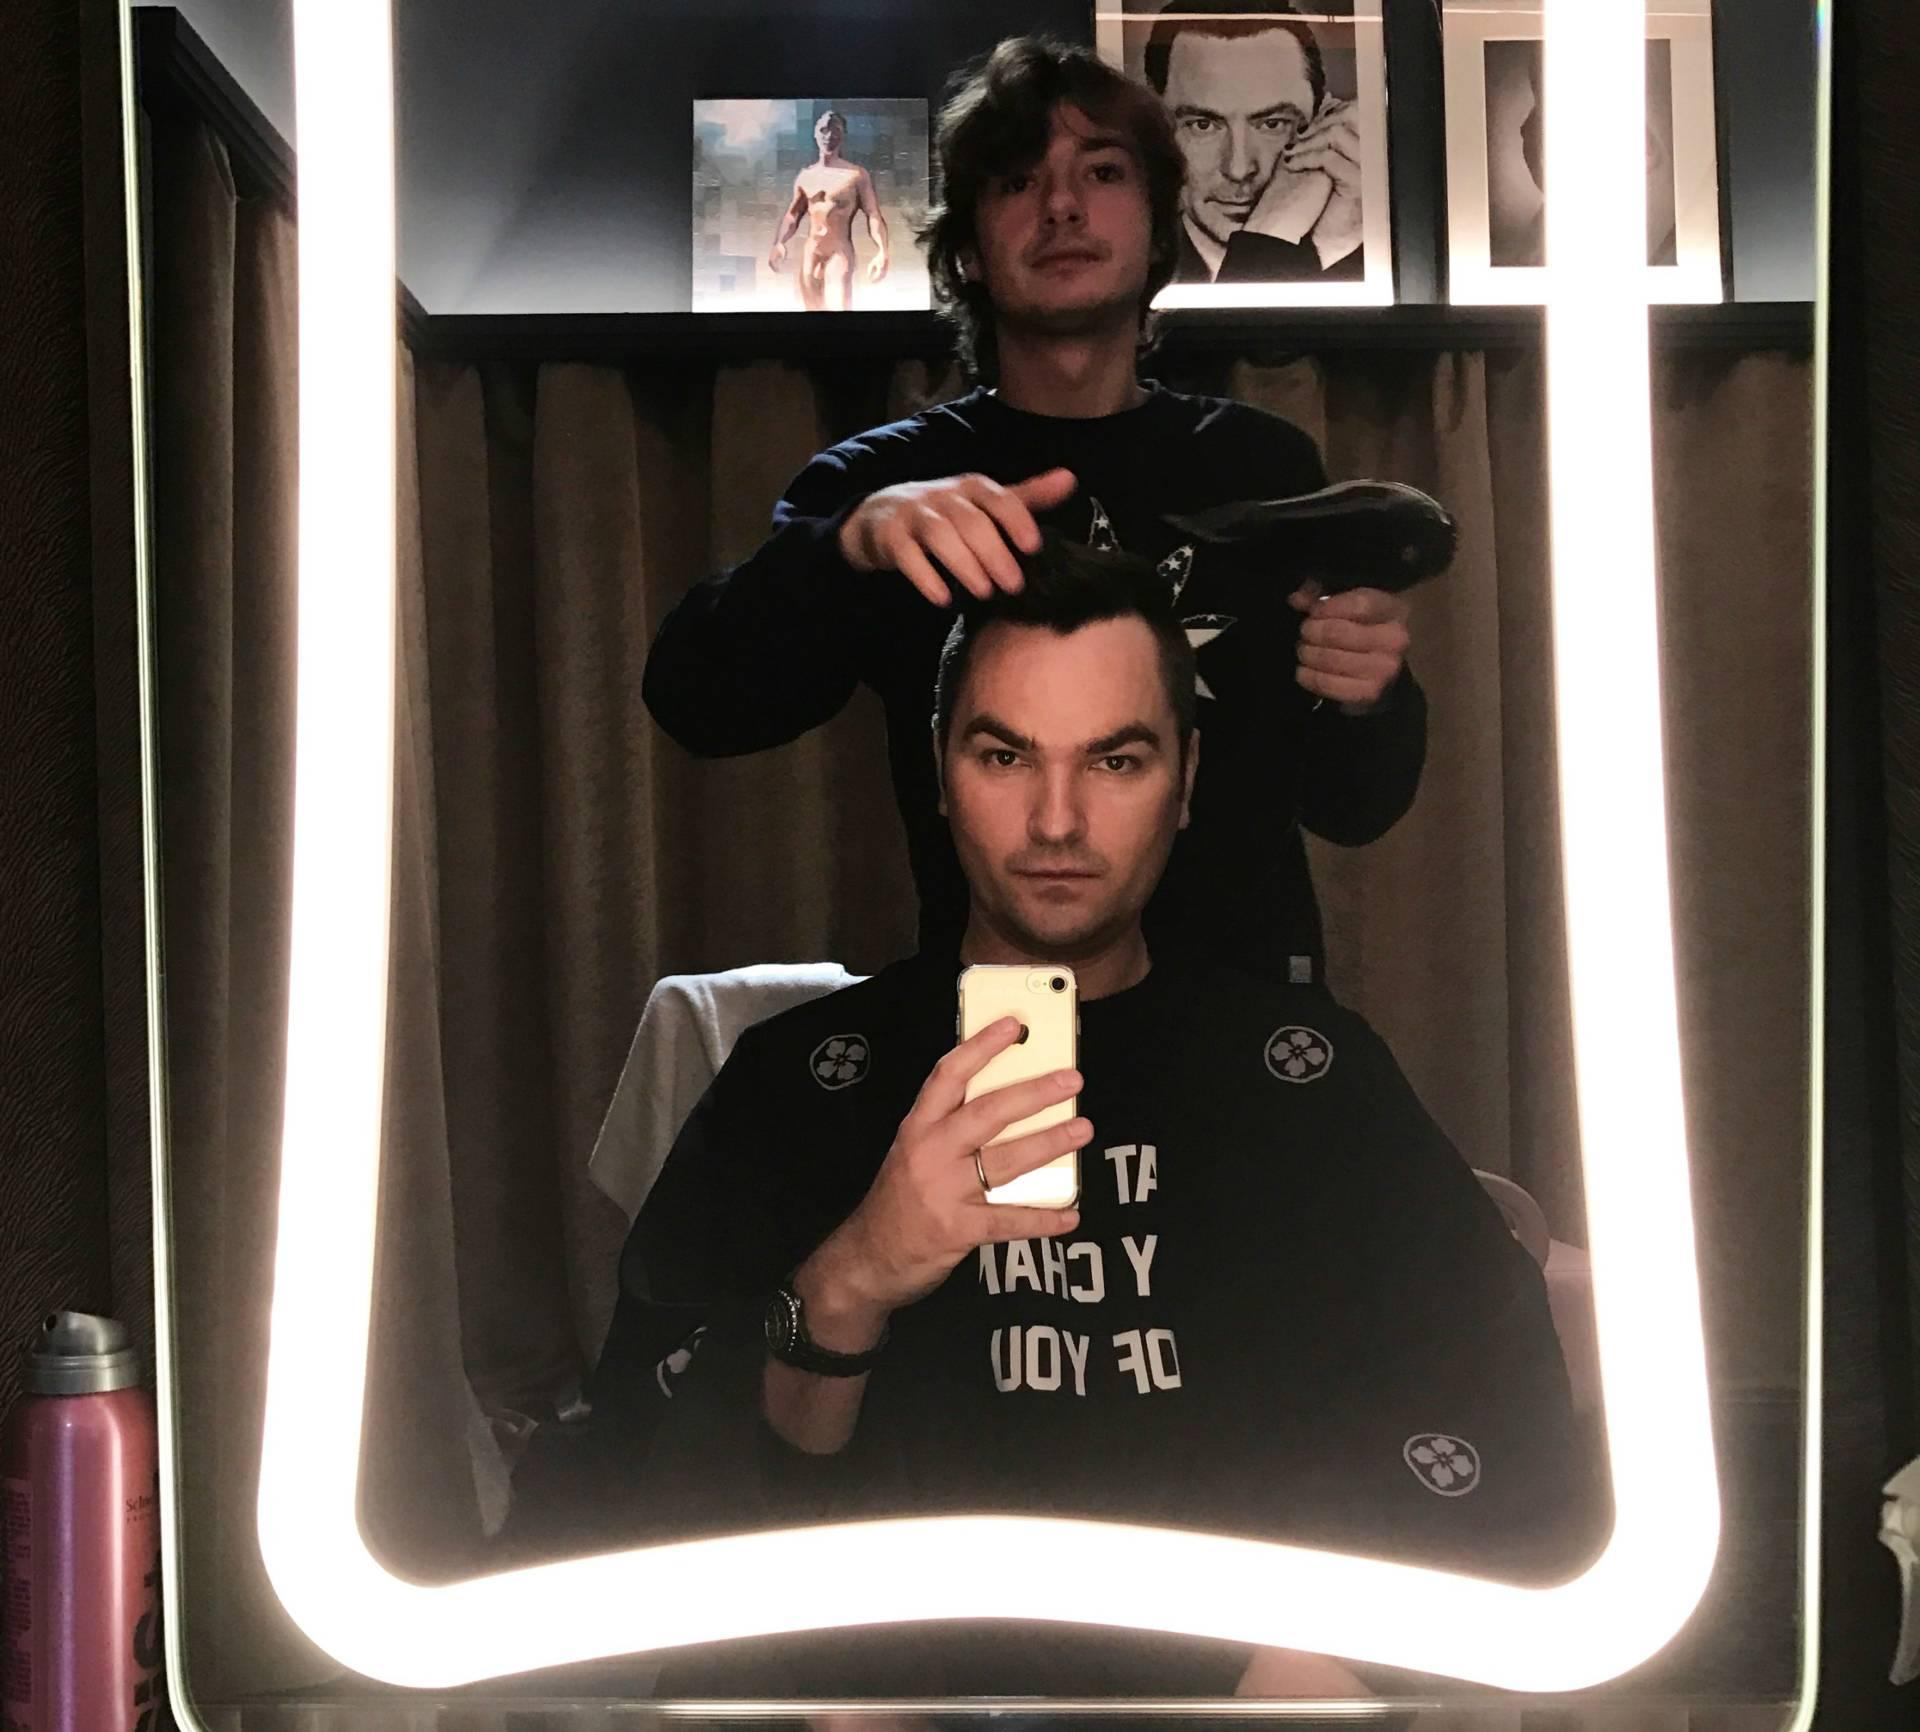 christophe-robin-paris-salon-max-blow-out-inhautepursuit-travel-blogger